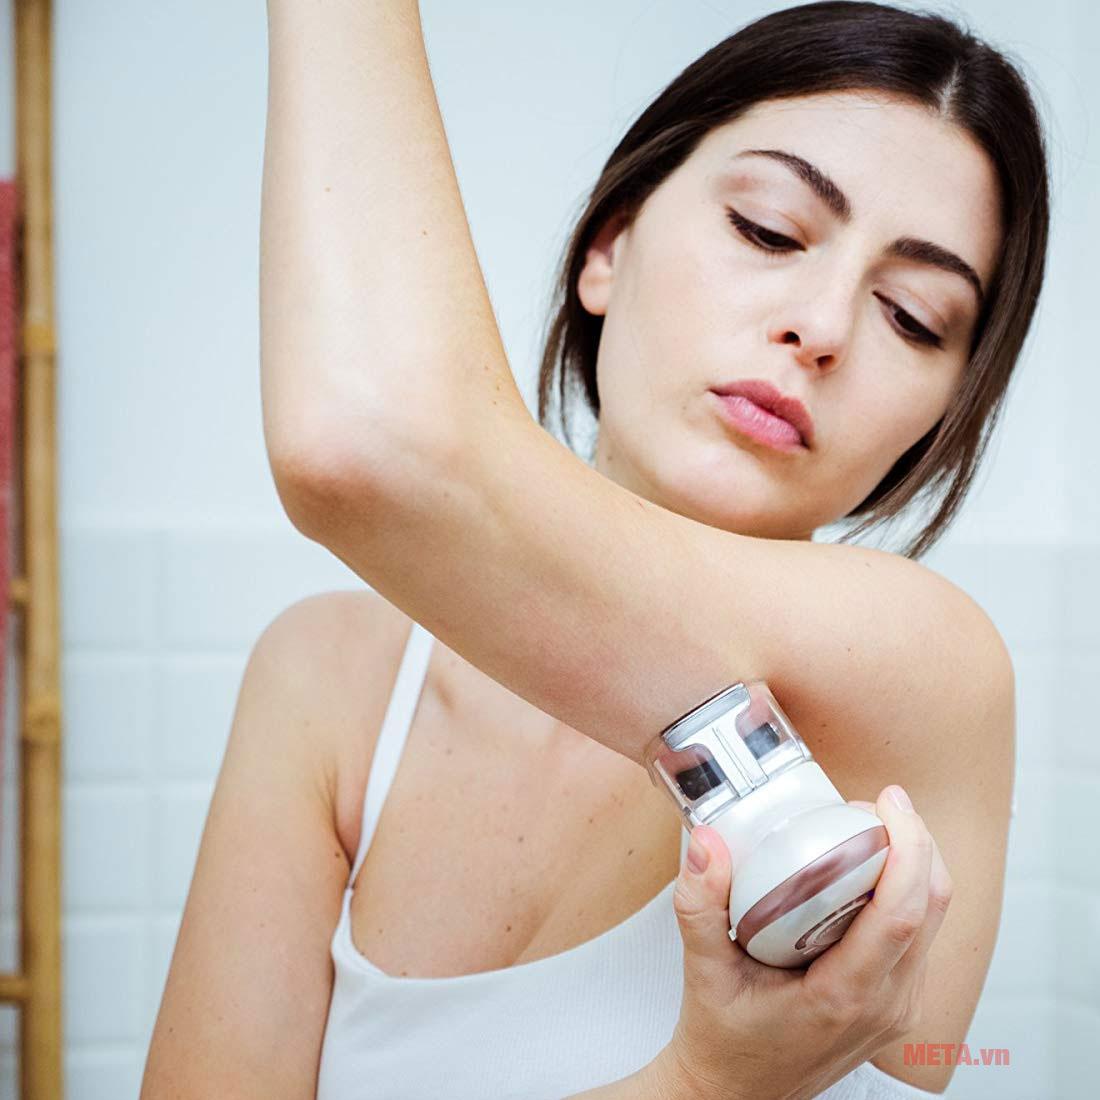 Máy massage cao cấp HoMedics CELL-500-EU có 2 chế độ massage và 5 cấp độ EMS